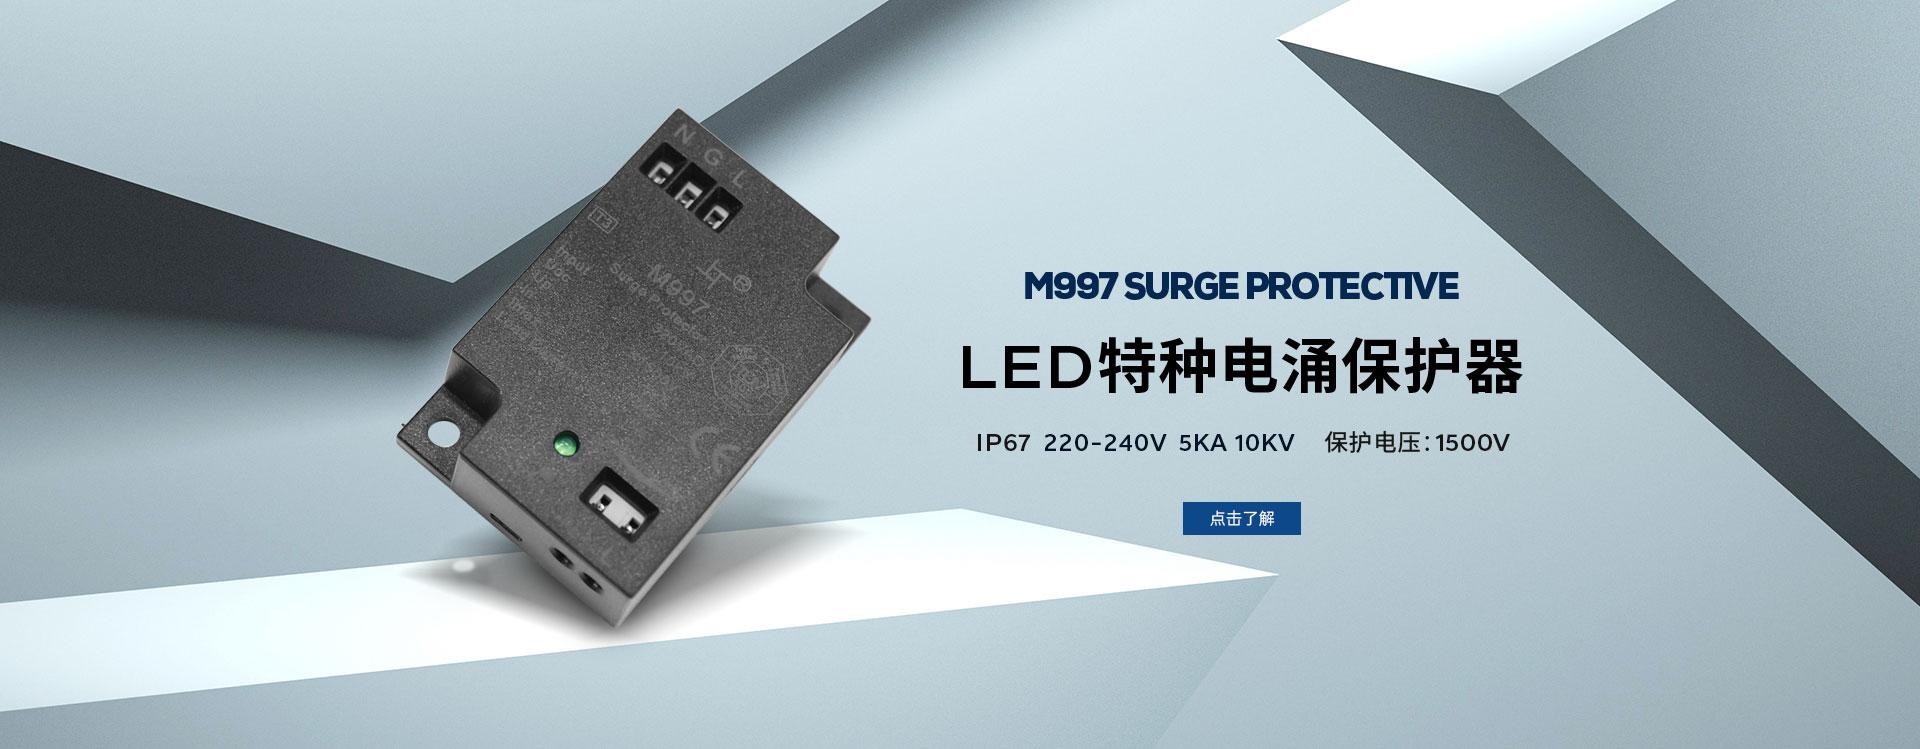 LED路灯防雷器 户外灯具照明电子浪涌保护器 特种电源防雷保护器